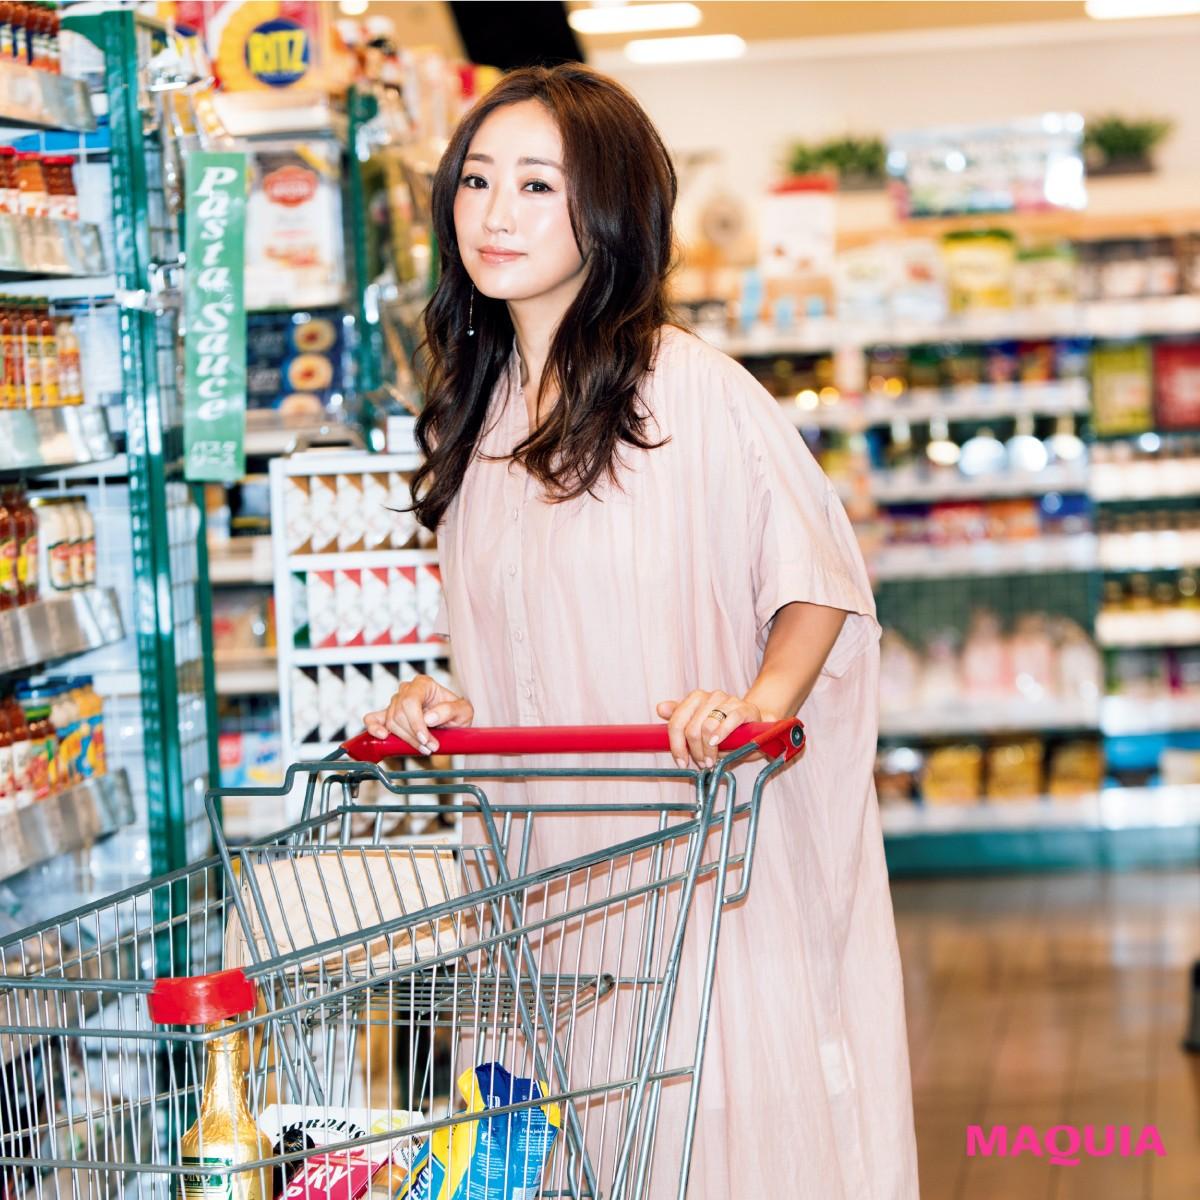 「いい奥さんになってくれそう」神崎恵流・キュンとさせるスーパーでの立ち振る舞い